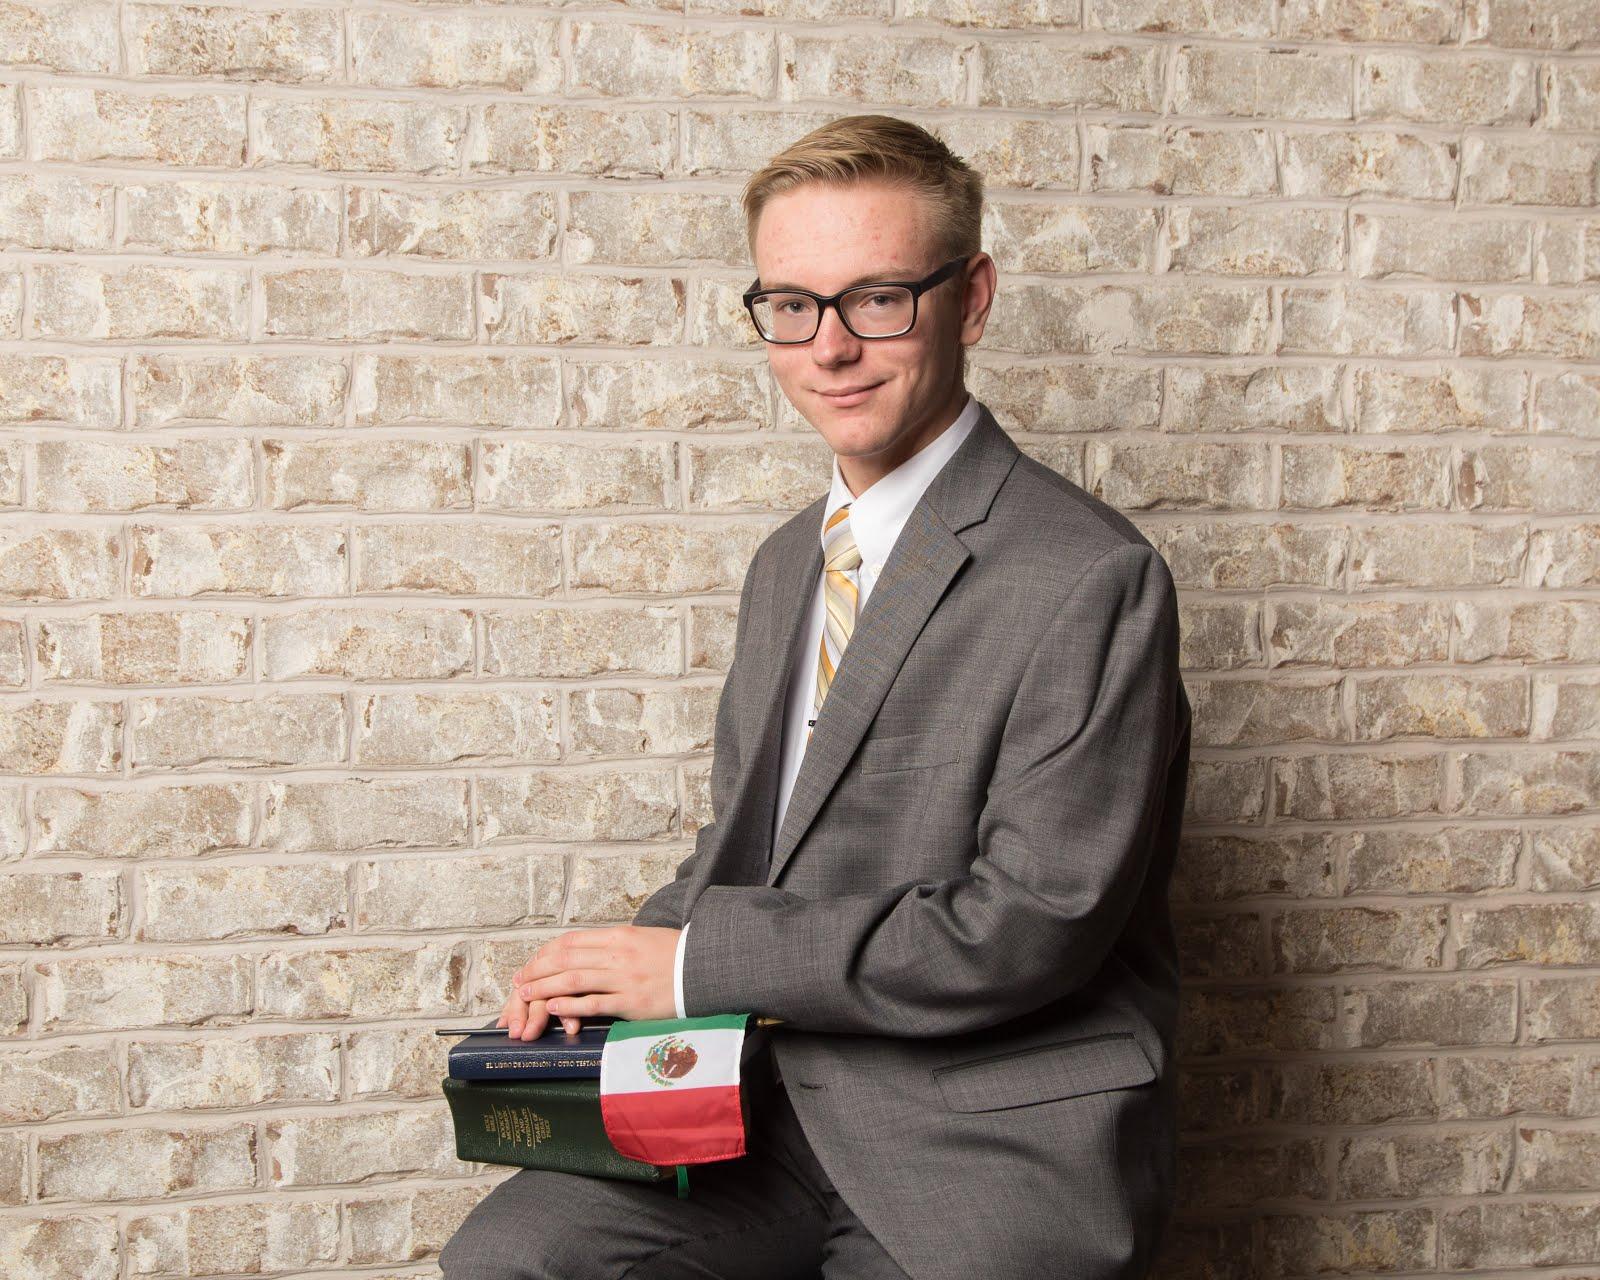 Elder Jakob Schramm